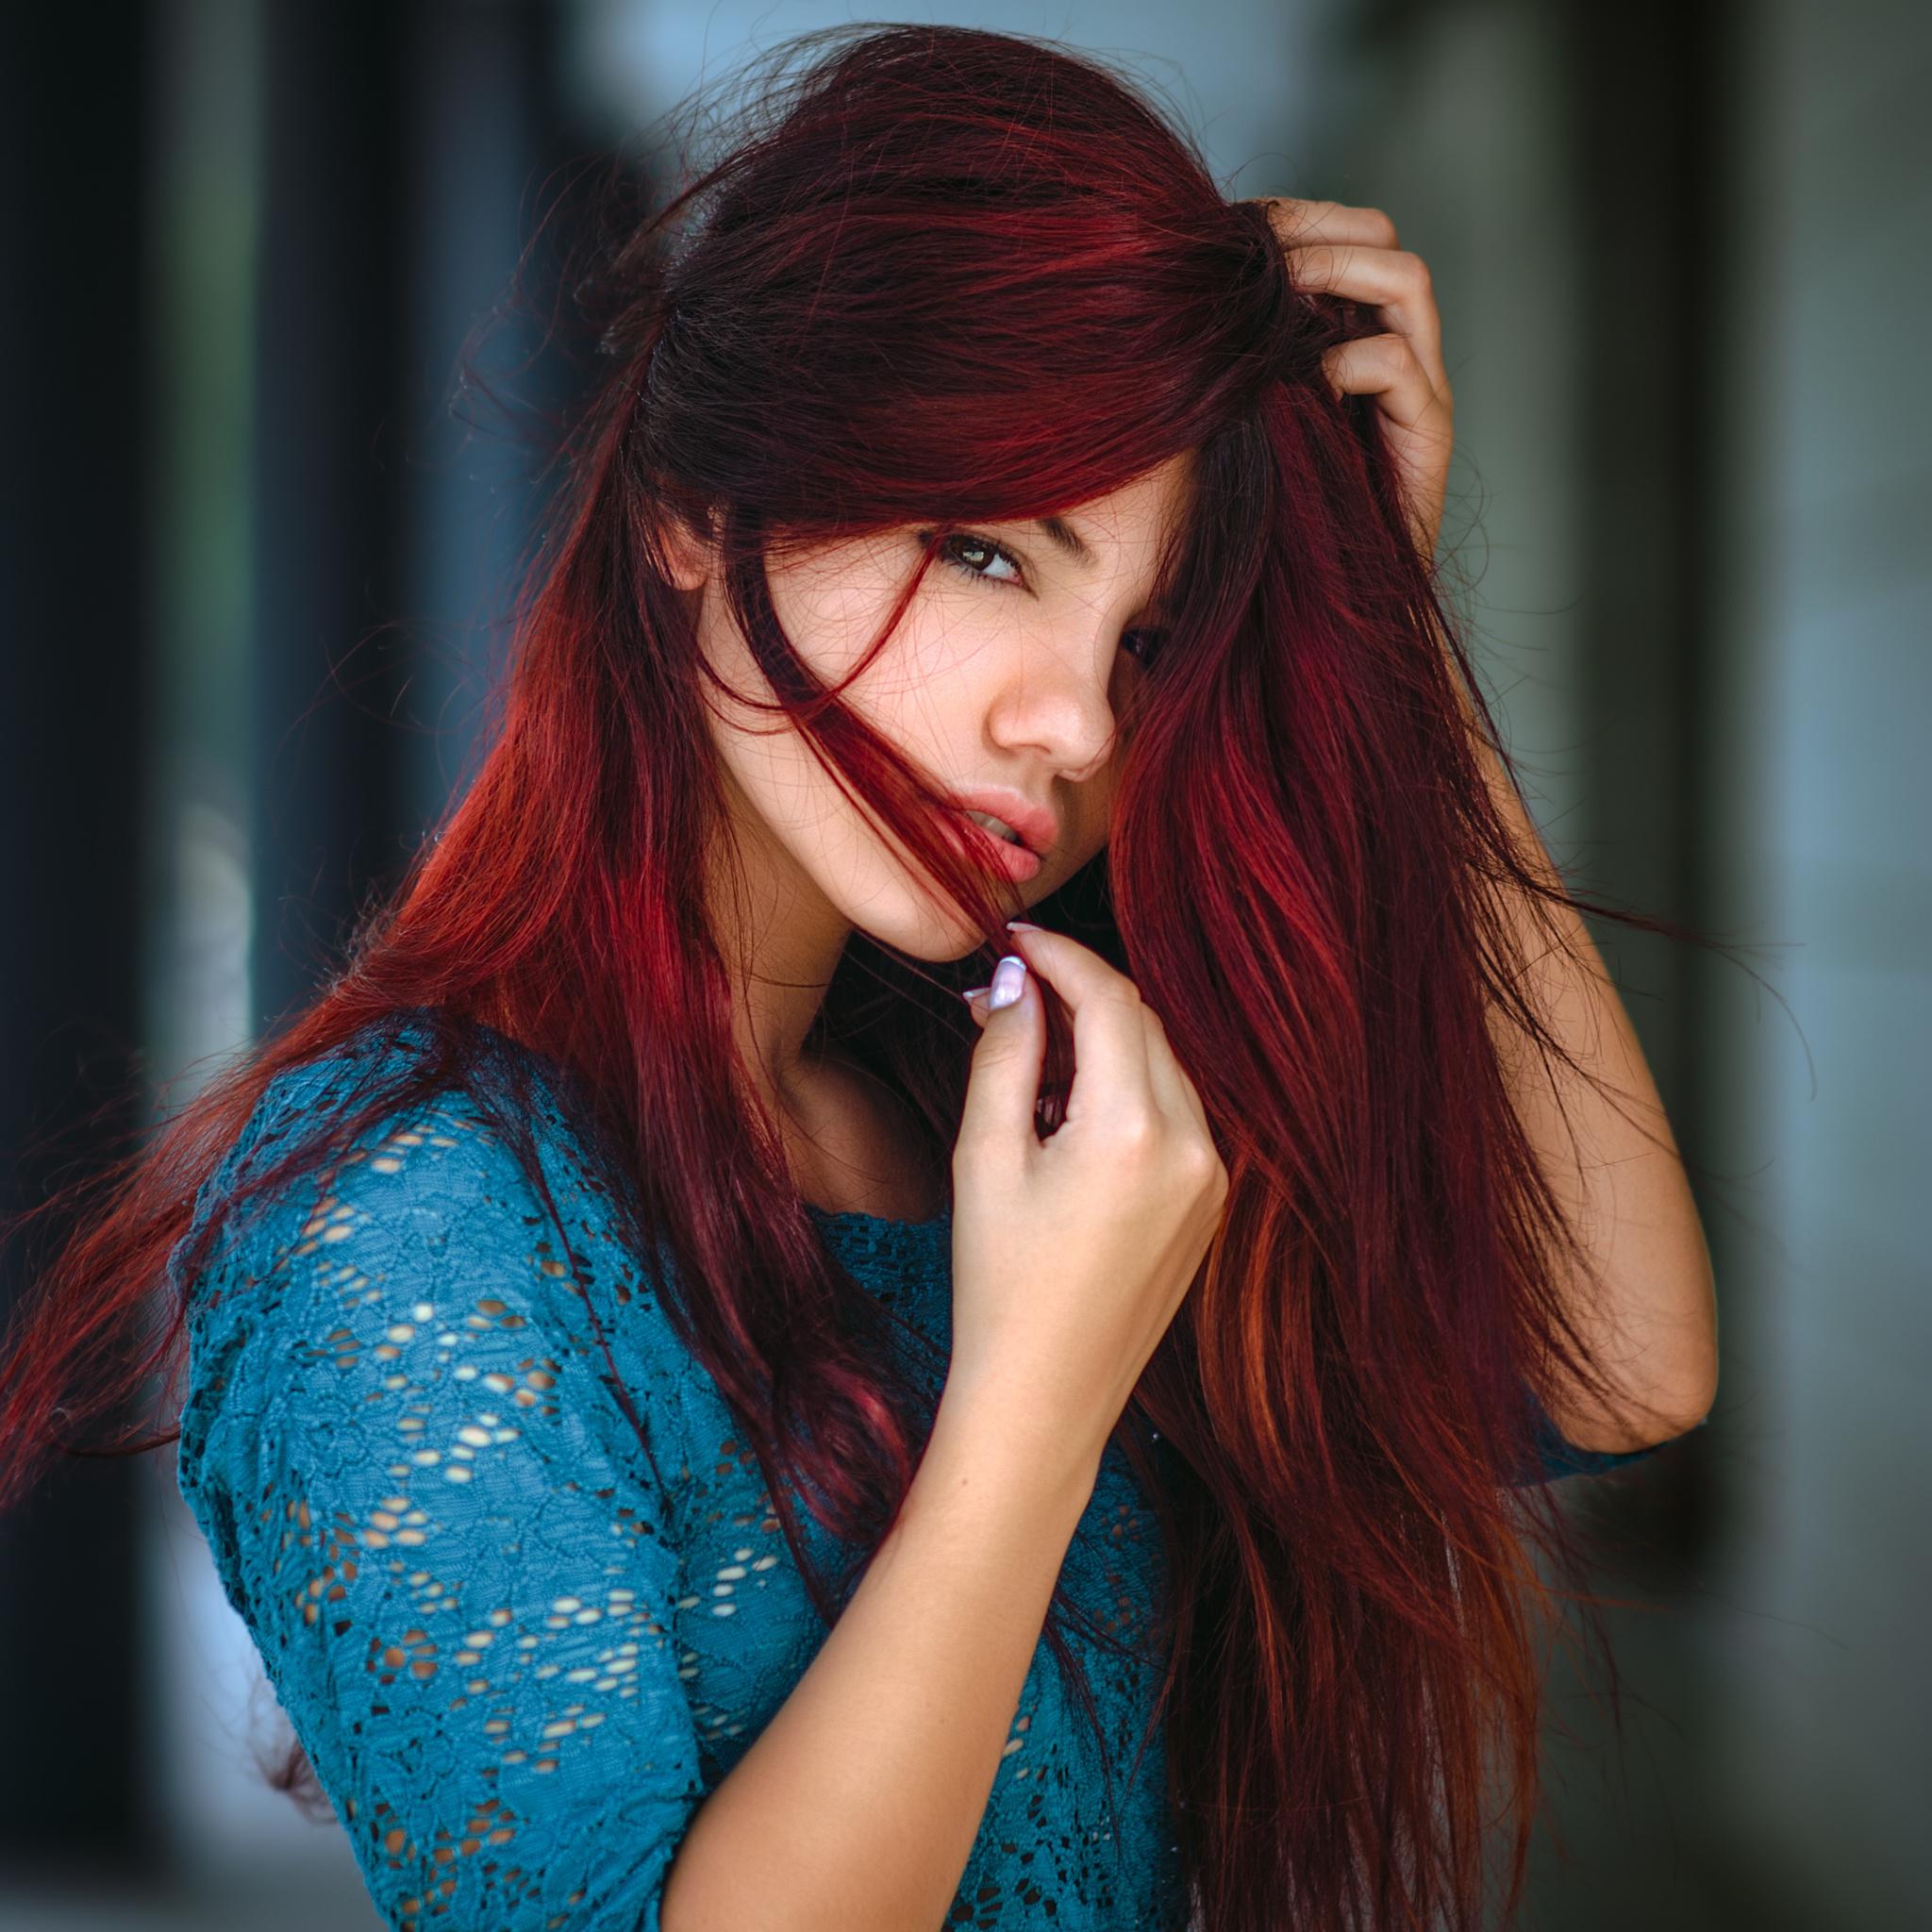 броню картинки коричнево красные волосы интересный